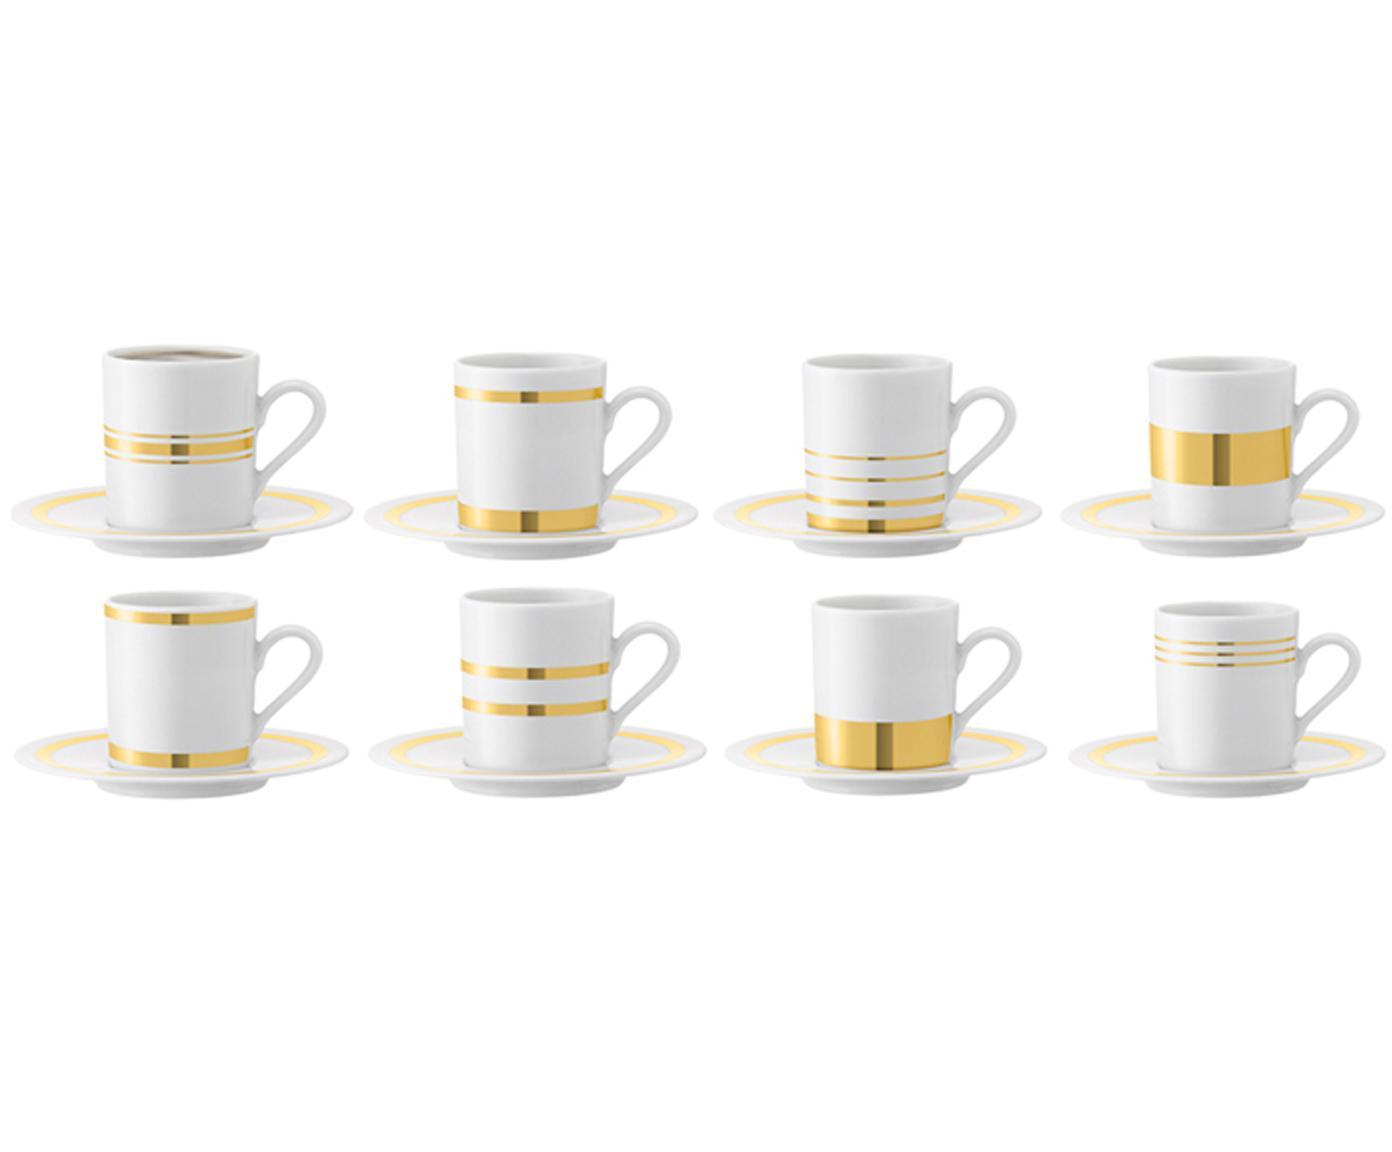 Espresso kopjes met schoteltjes decoratieve, 8 stuks, Porselein, Wit, goudkleurig, Ø 7 x H 7 cm